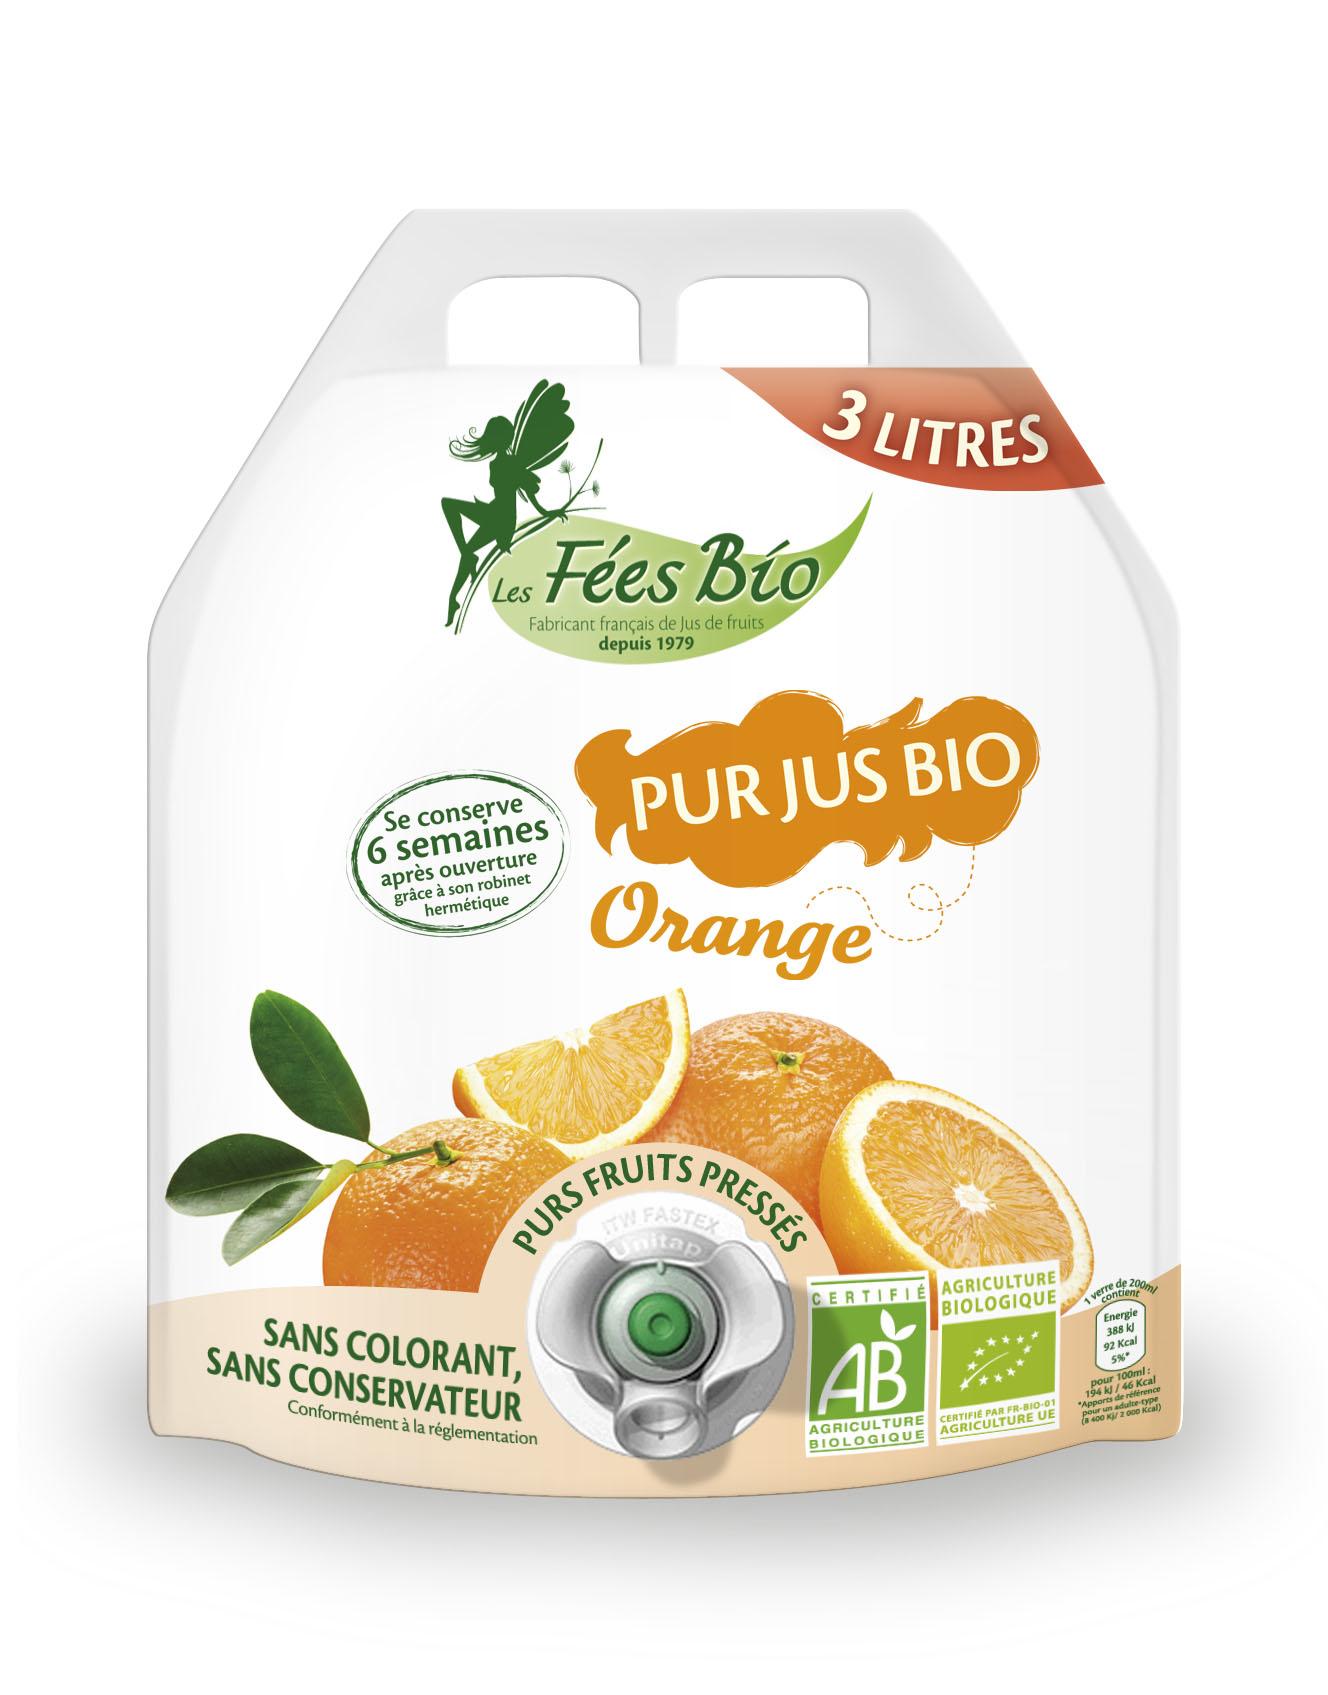 LFBオレンジジュース